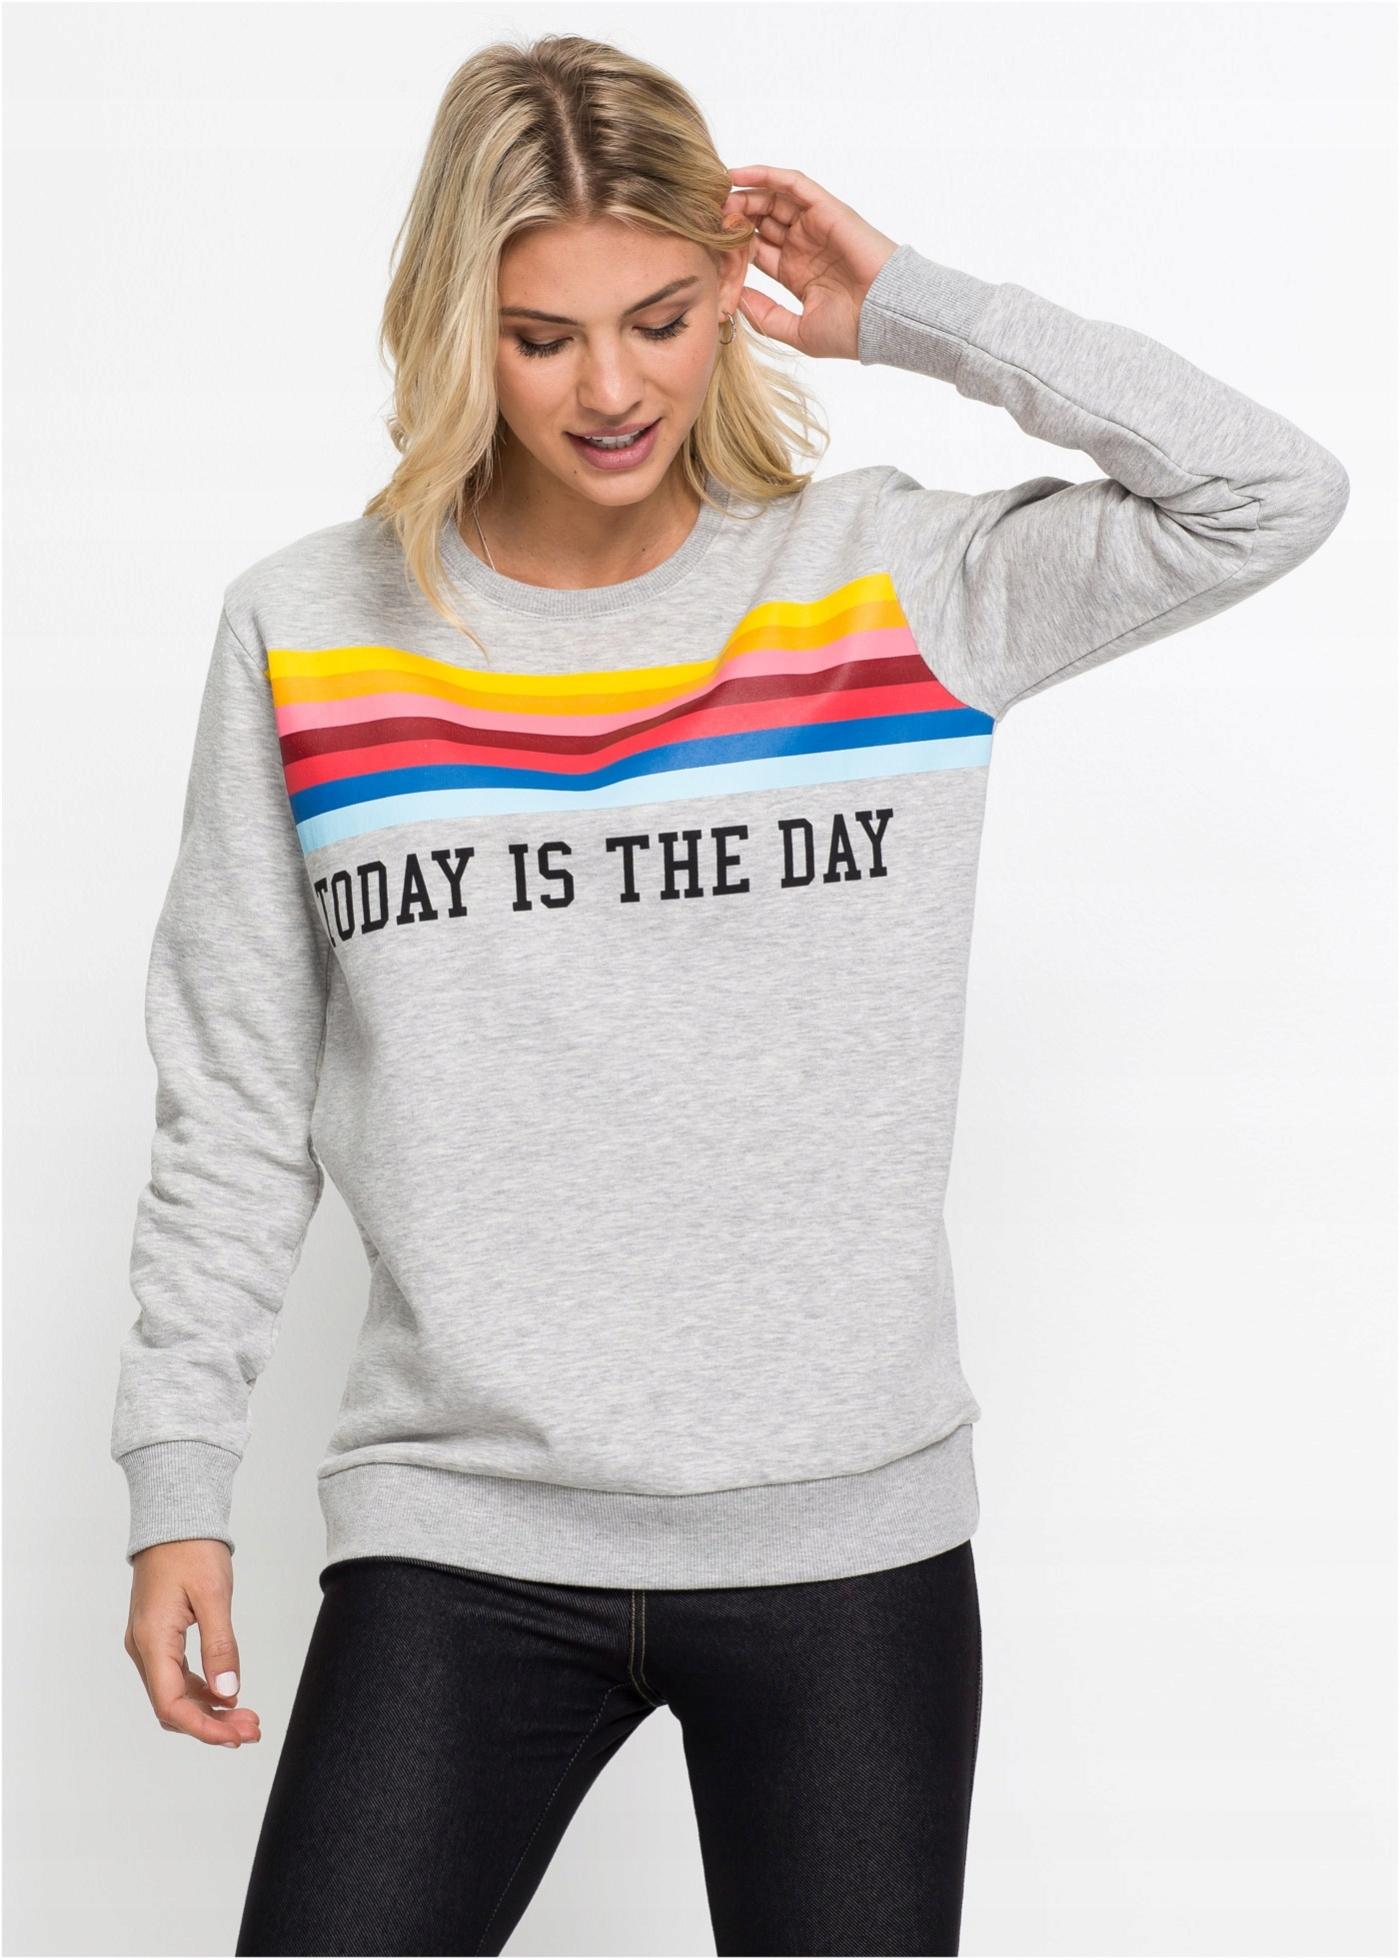 Bluza-Sweatshirt popiel z napisem R 36/38